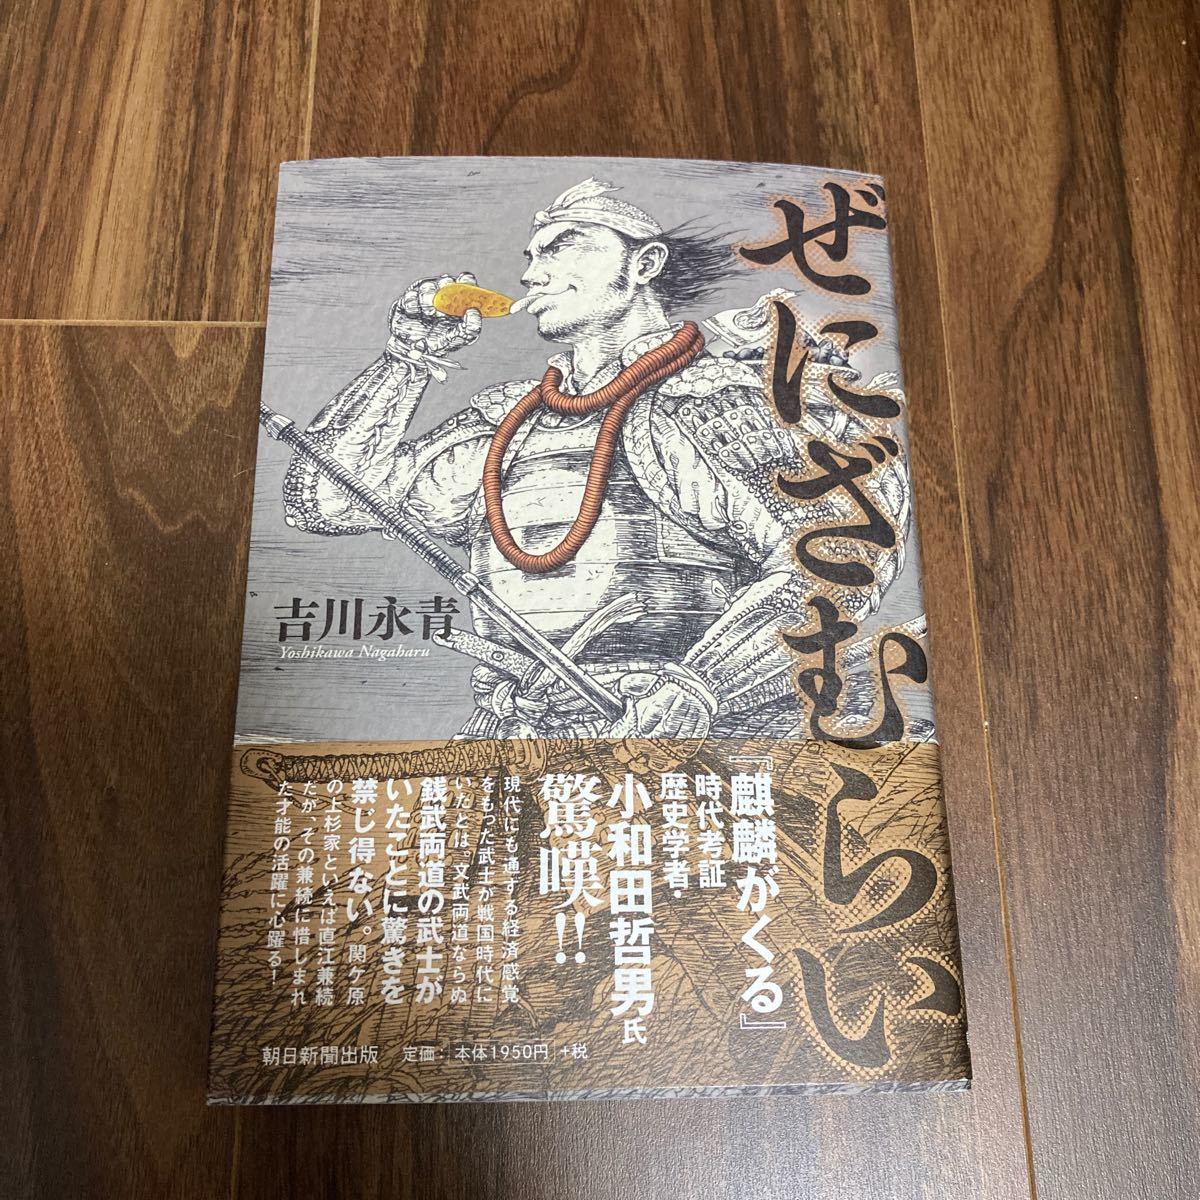 小説 ぜにざむらい/吉川永青